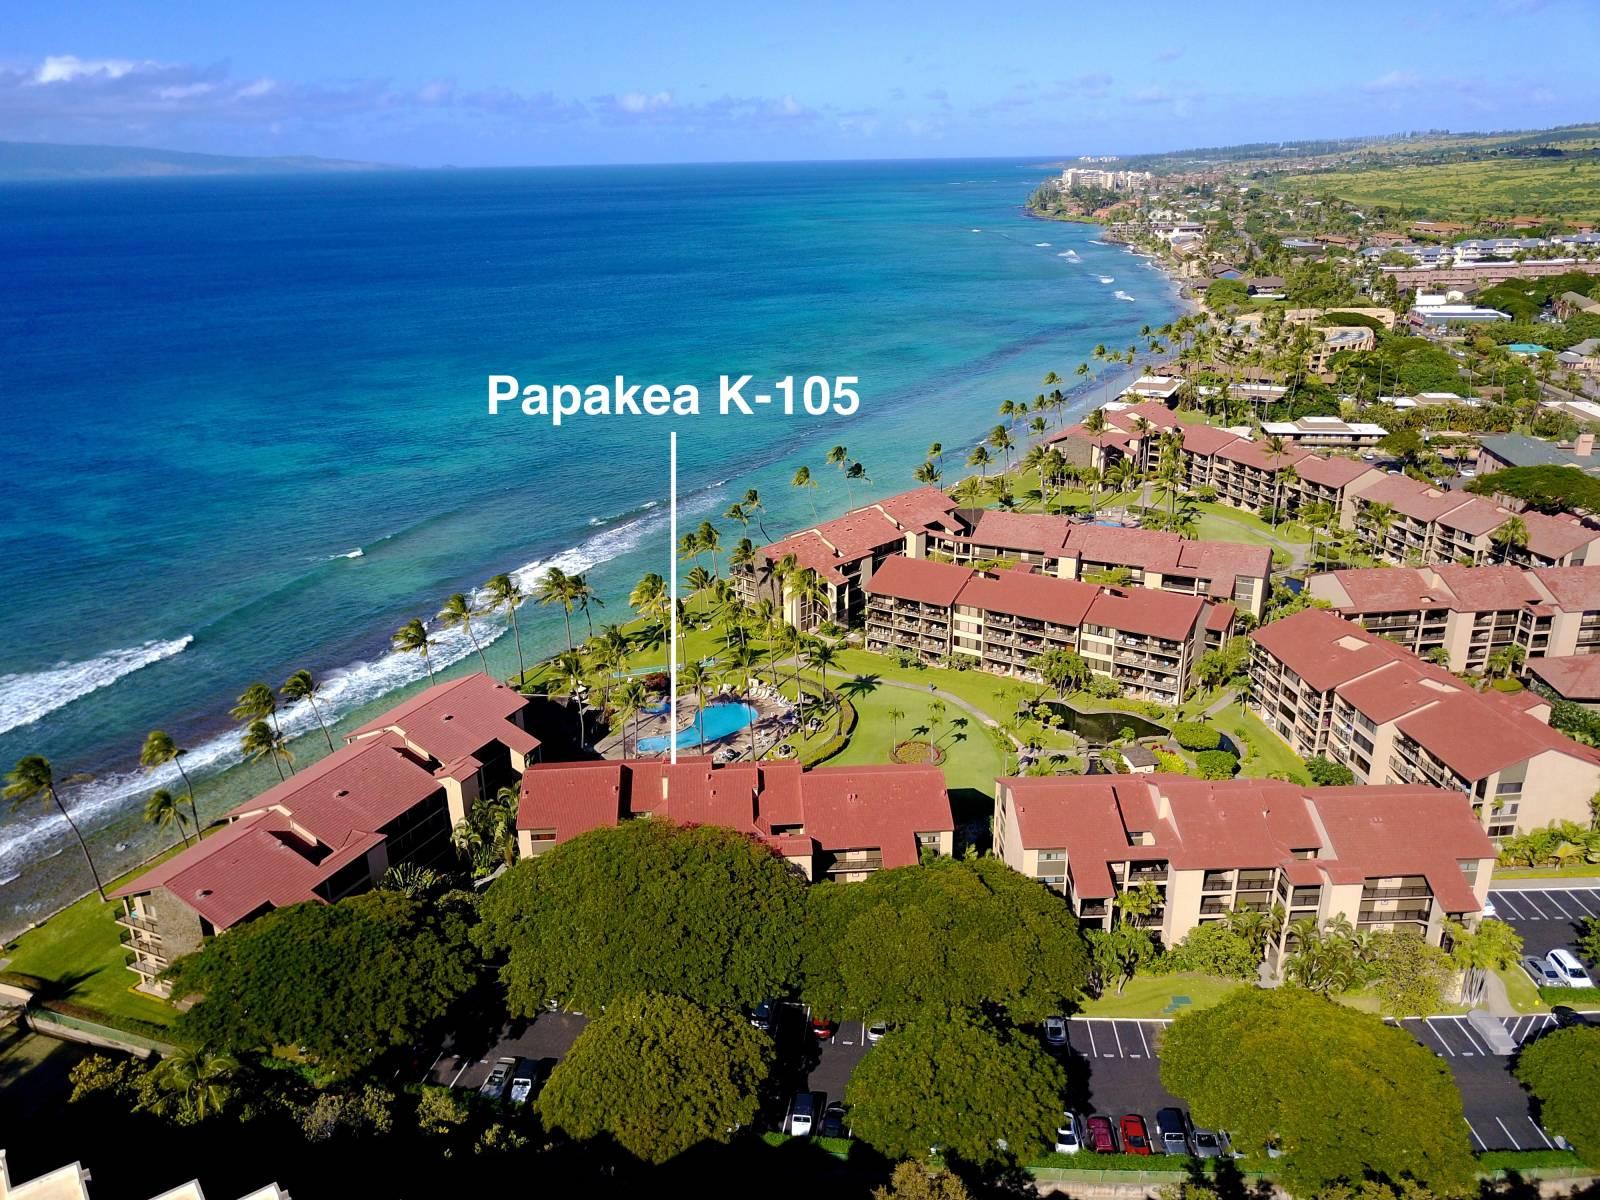 Papakea K105